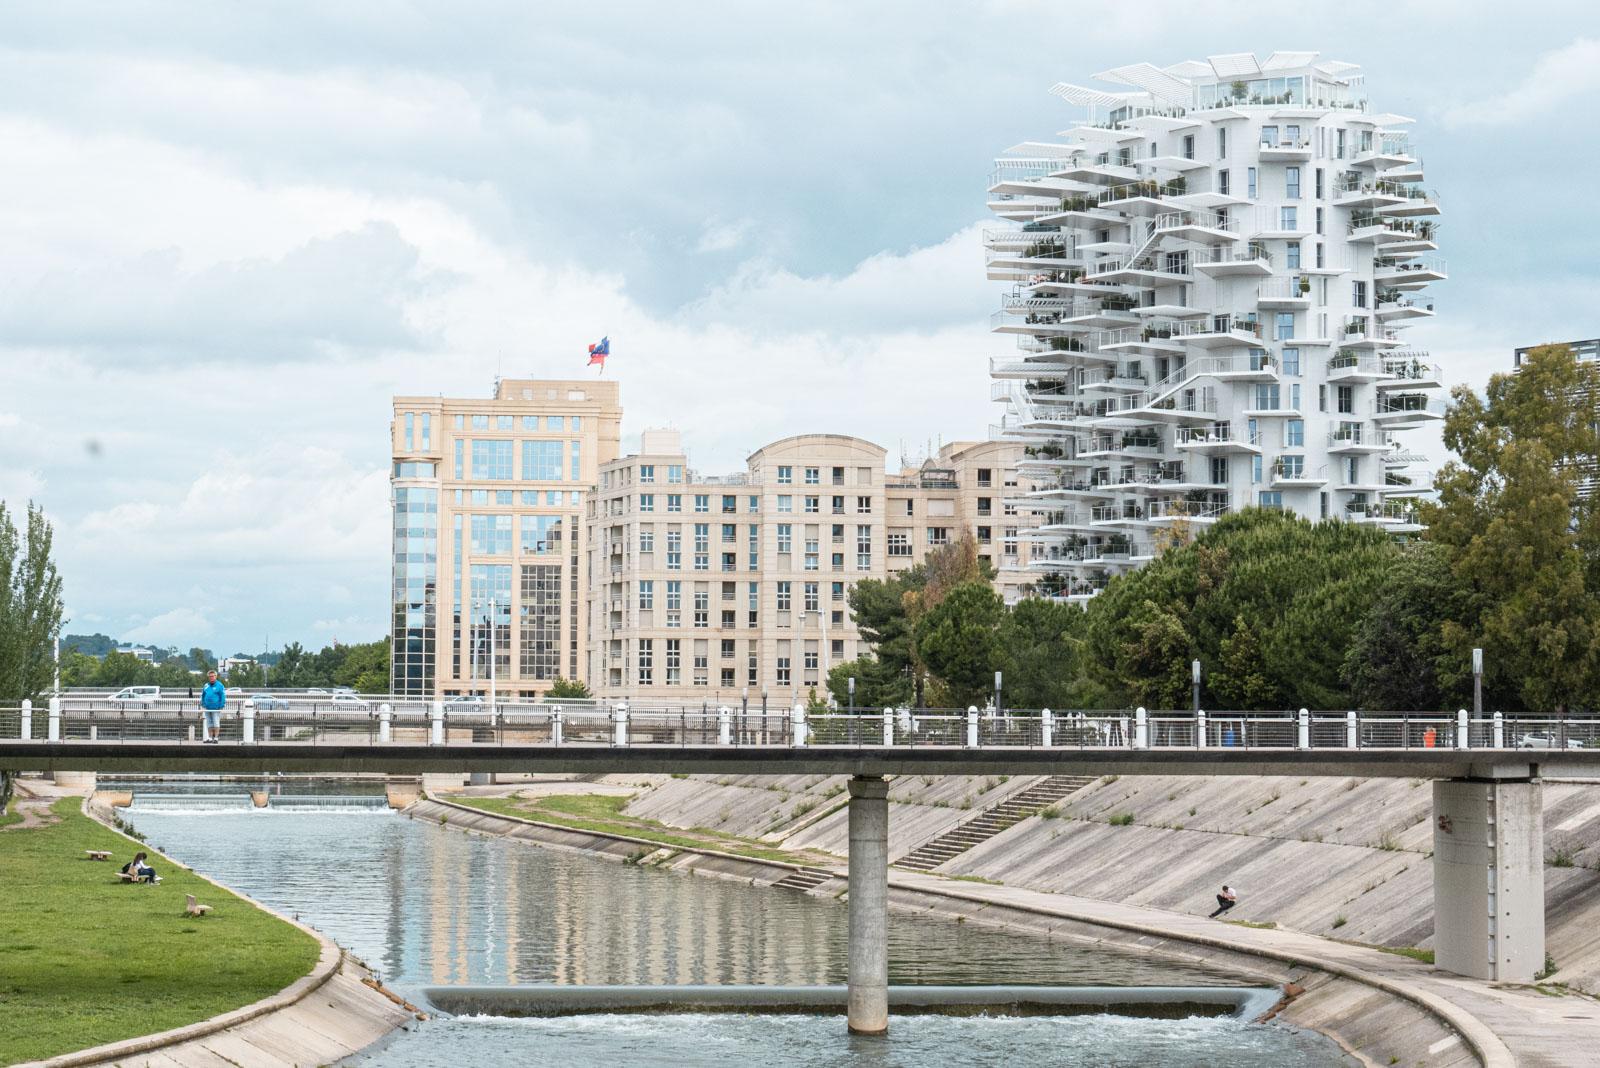 Découvrir l'architecture de Montpellier